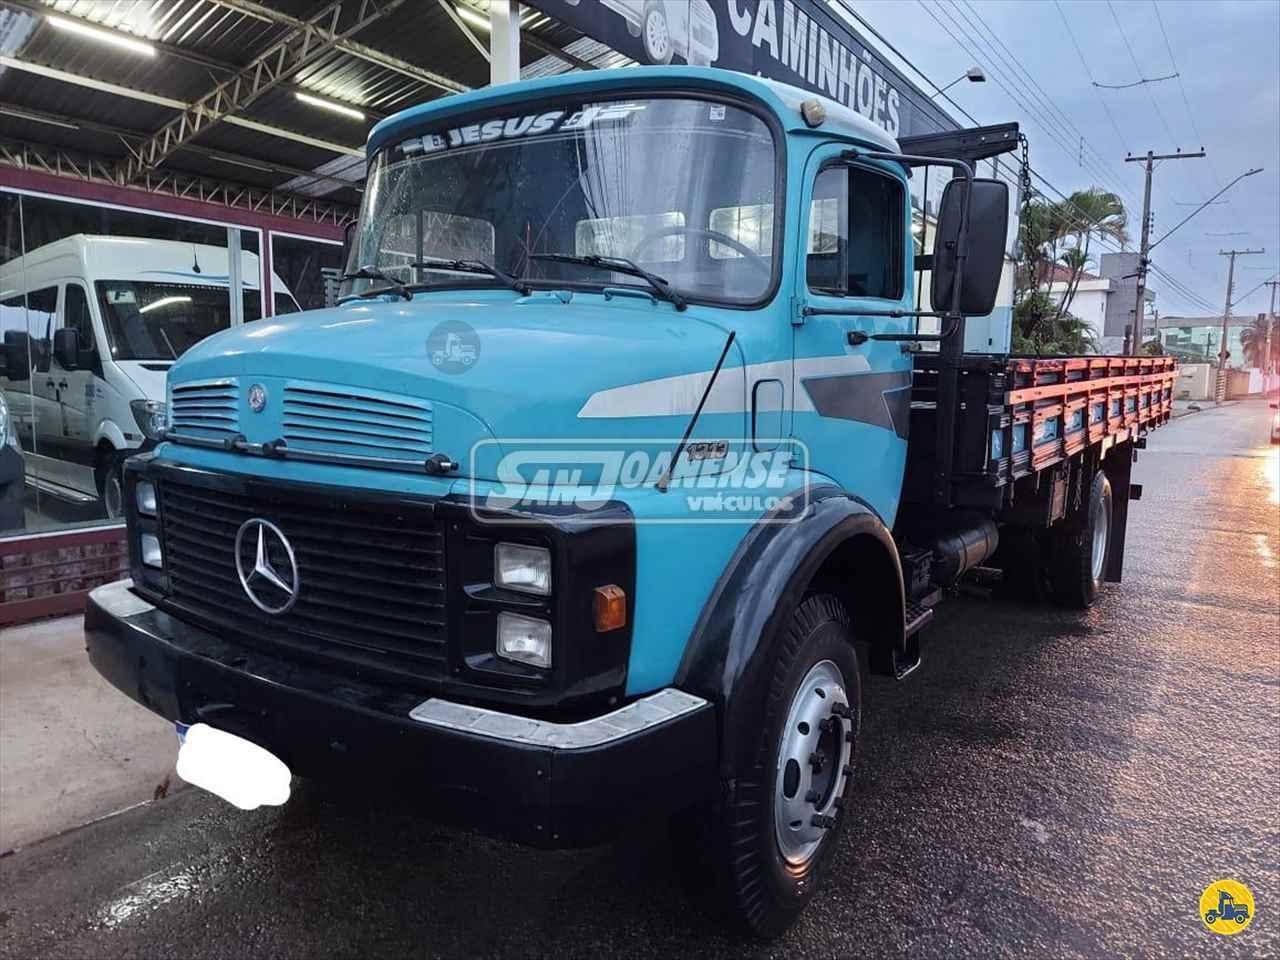 CAMINHAO MERCEDES-BENZ MB 1313 Carga Seca Toco 4x2 Sanjoanense Veículos SAO JOAO DA BOA VISTA SÃO PAULO SP